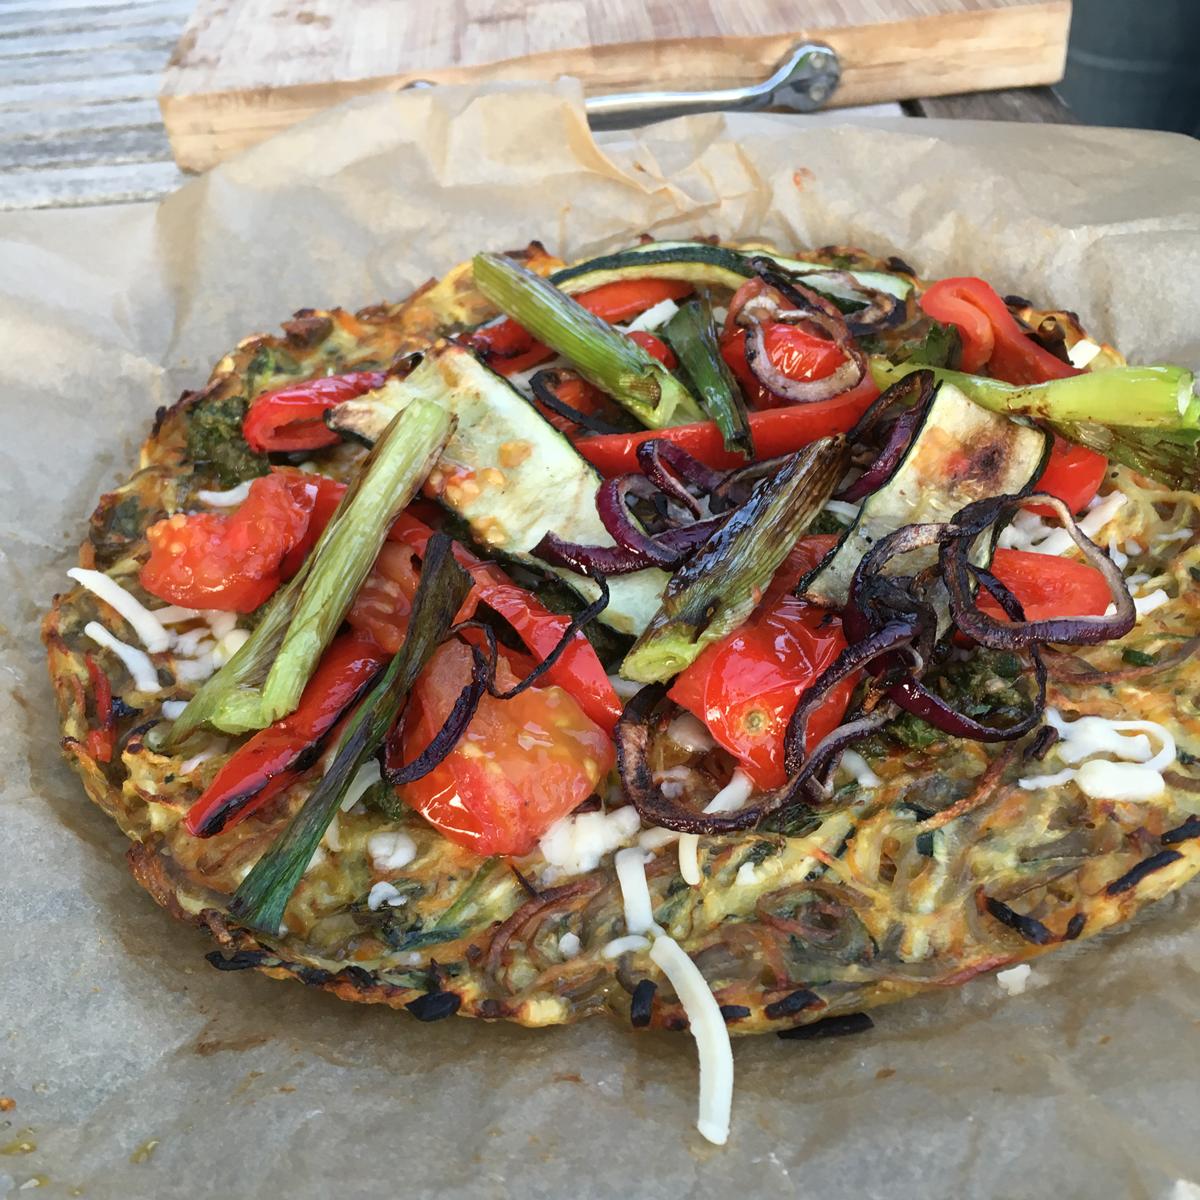 Sprød, lækker og vegetar venlig pizza med rodfrugter i denne rootza